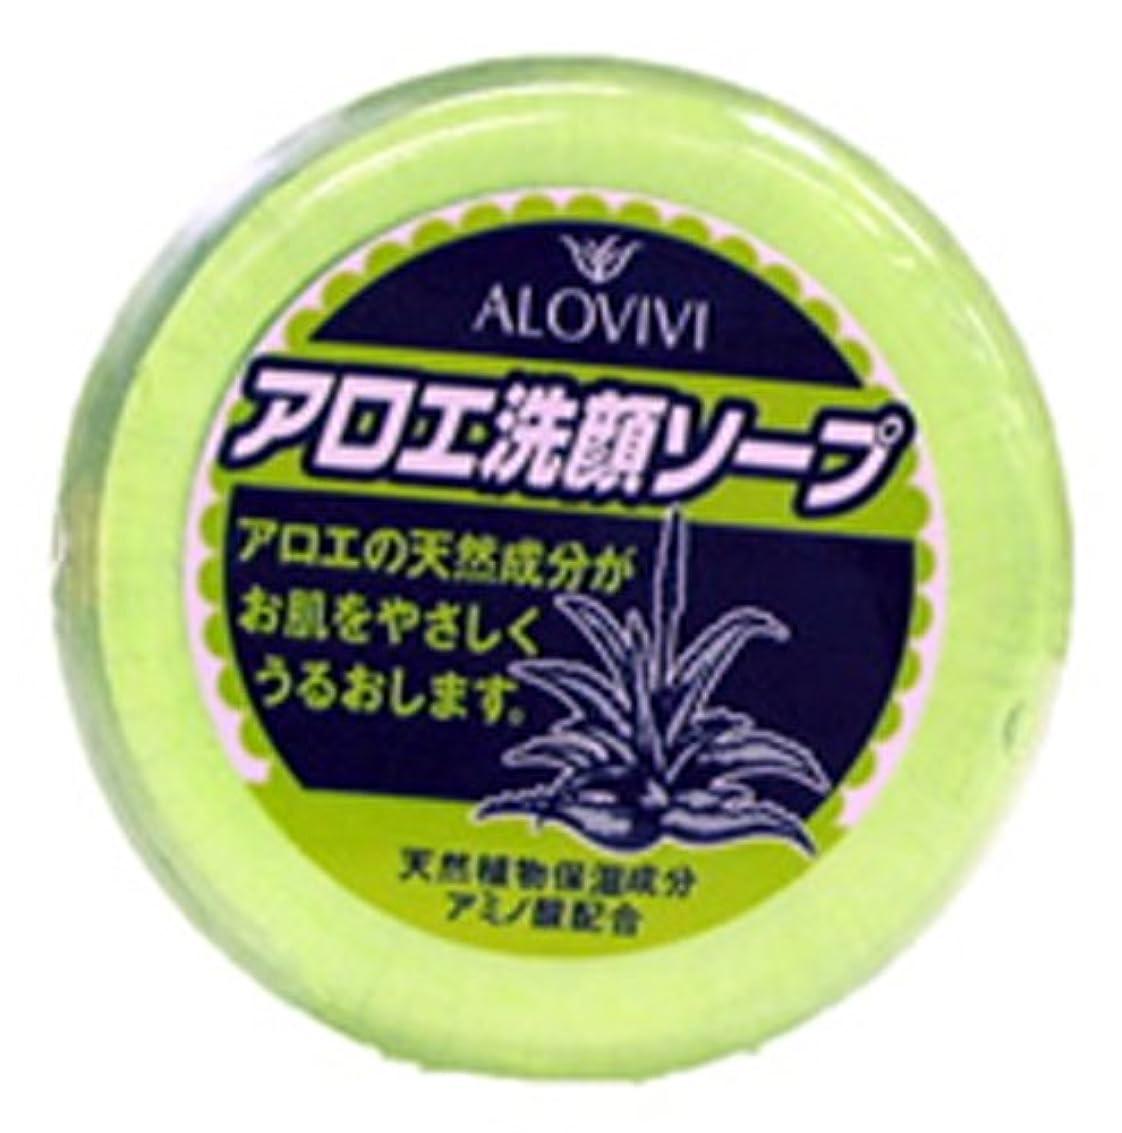 クレーター腹部散るアロヴィヴィアロエ洗顔ソープ 100g